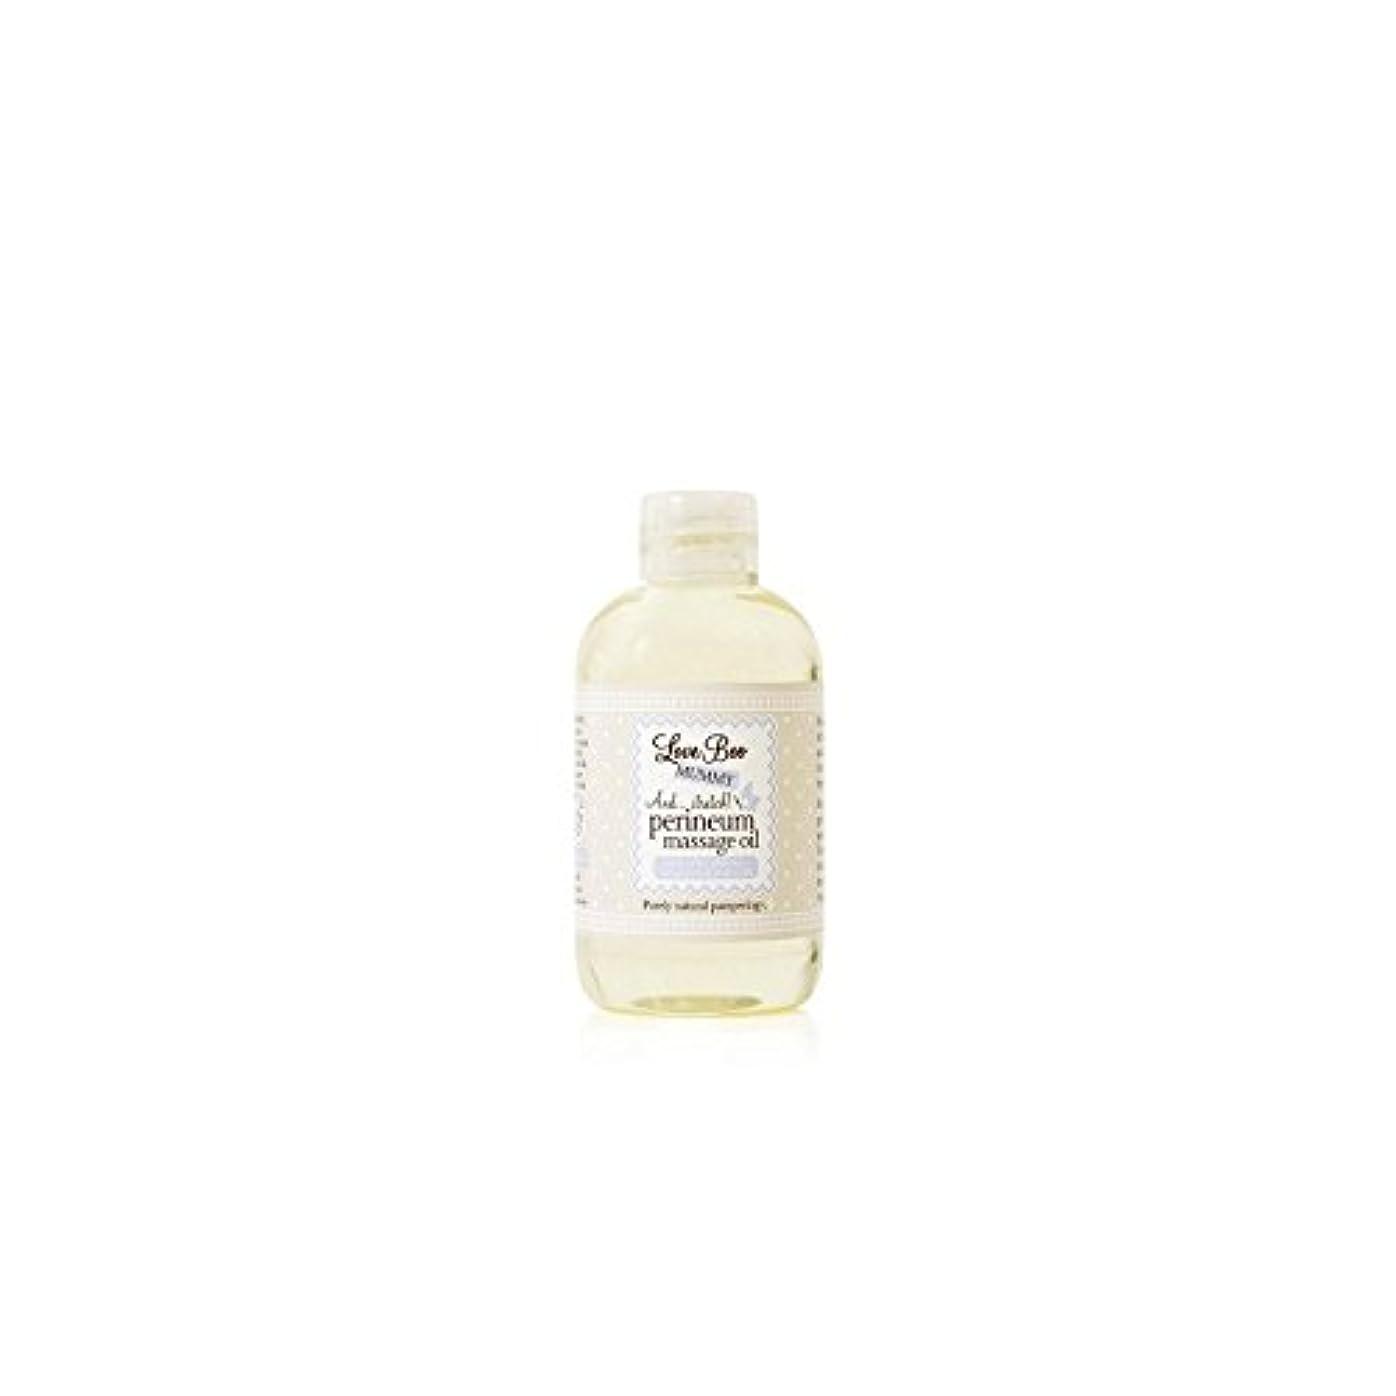 口テロリストスキームLove Boo Perineum Massage Oil (100ml) - 会陰マッサージオイル(100)にブーイングの愛 [並行輸入品]